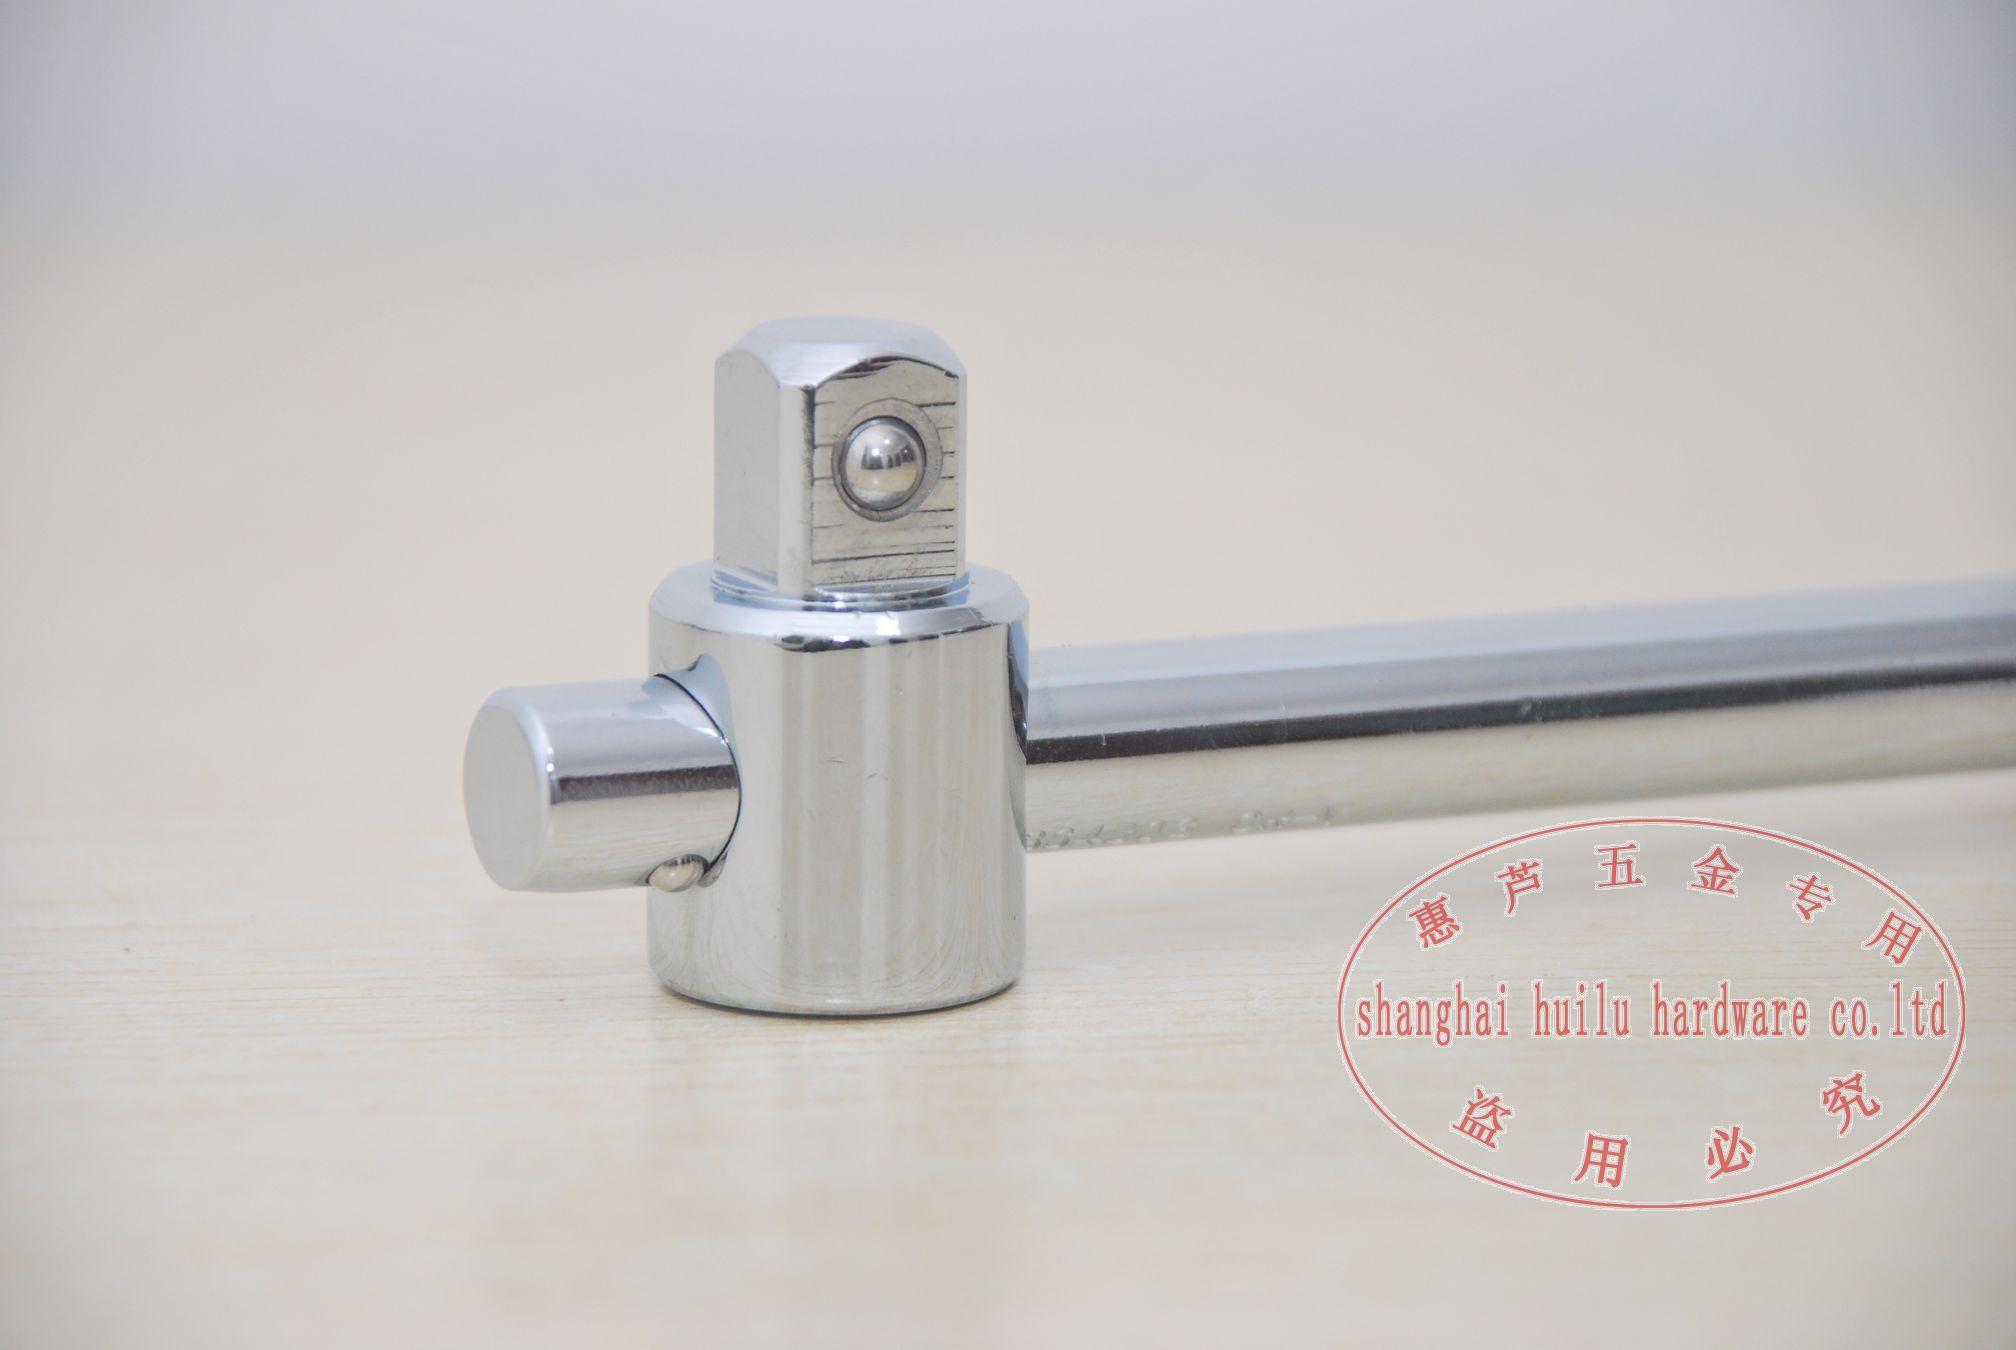 波斯套筒扳手滑行杆套筒接杆工具套筒头滑行杆1/4系列6.3mm